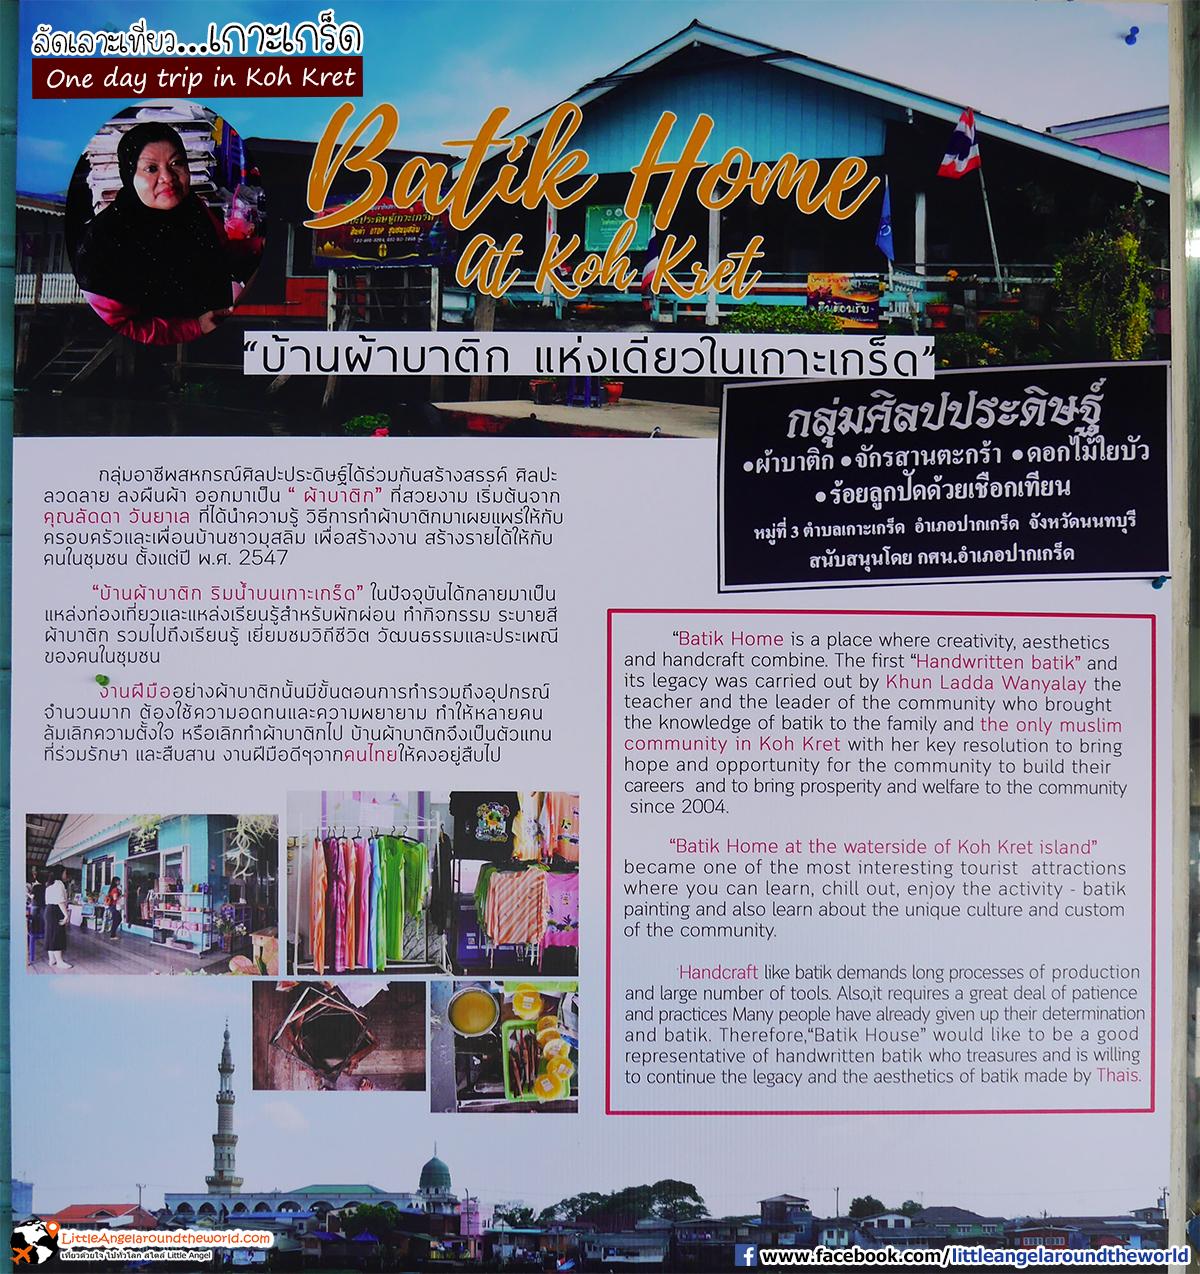 บ้านผ้าบาติก : เที่ยวเกาะเกร็ด (One day trip in Koh Kret)